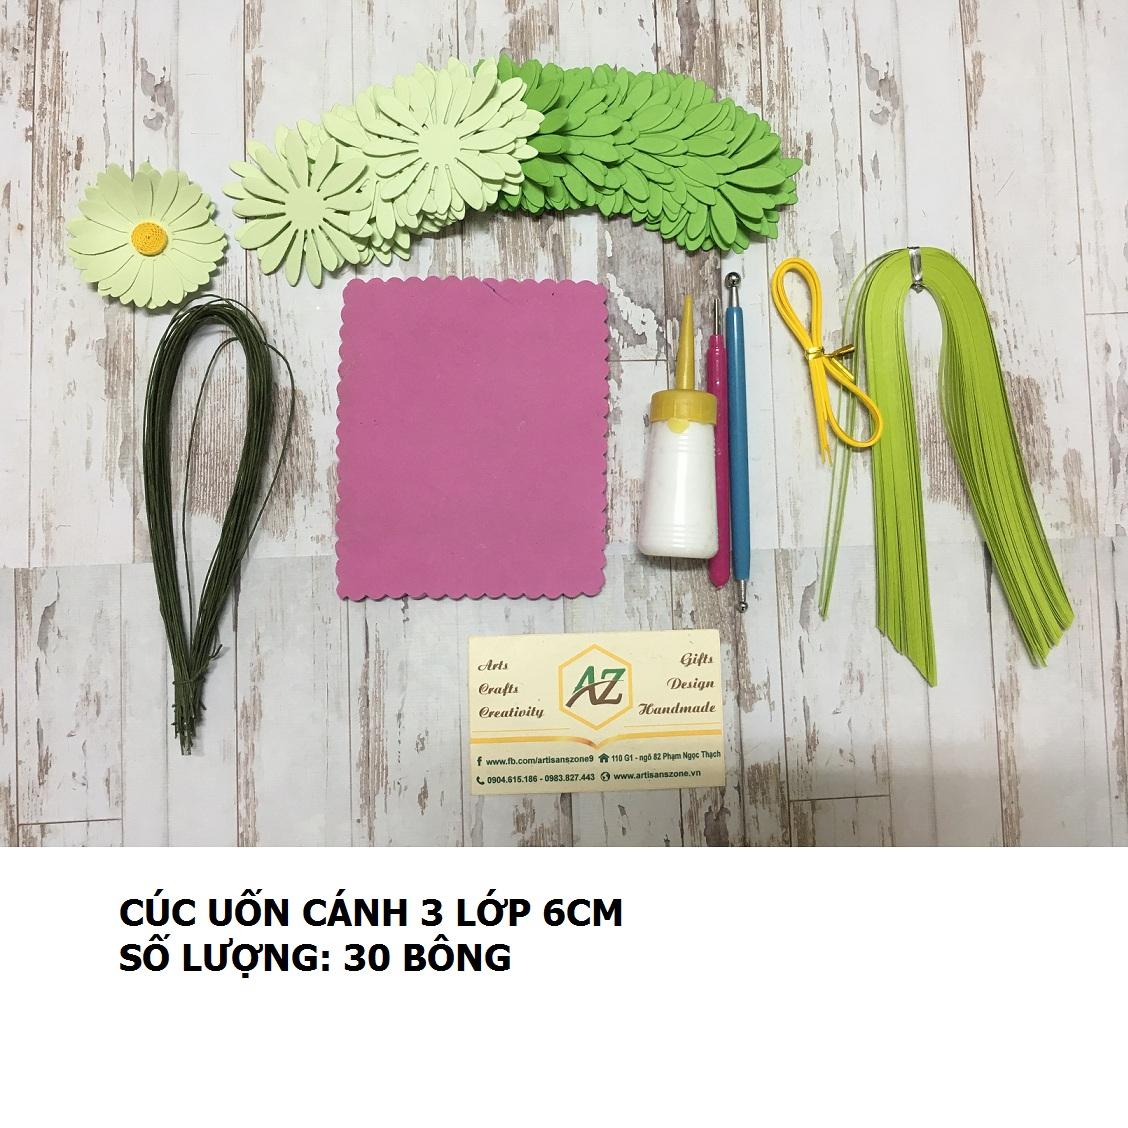 Bộ nguyên liệu làm hoa cúc 03 lớp 6cm (30 bông)_QC37